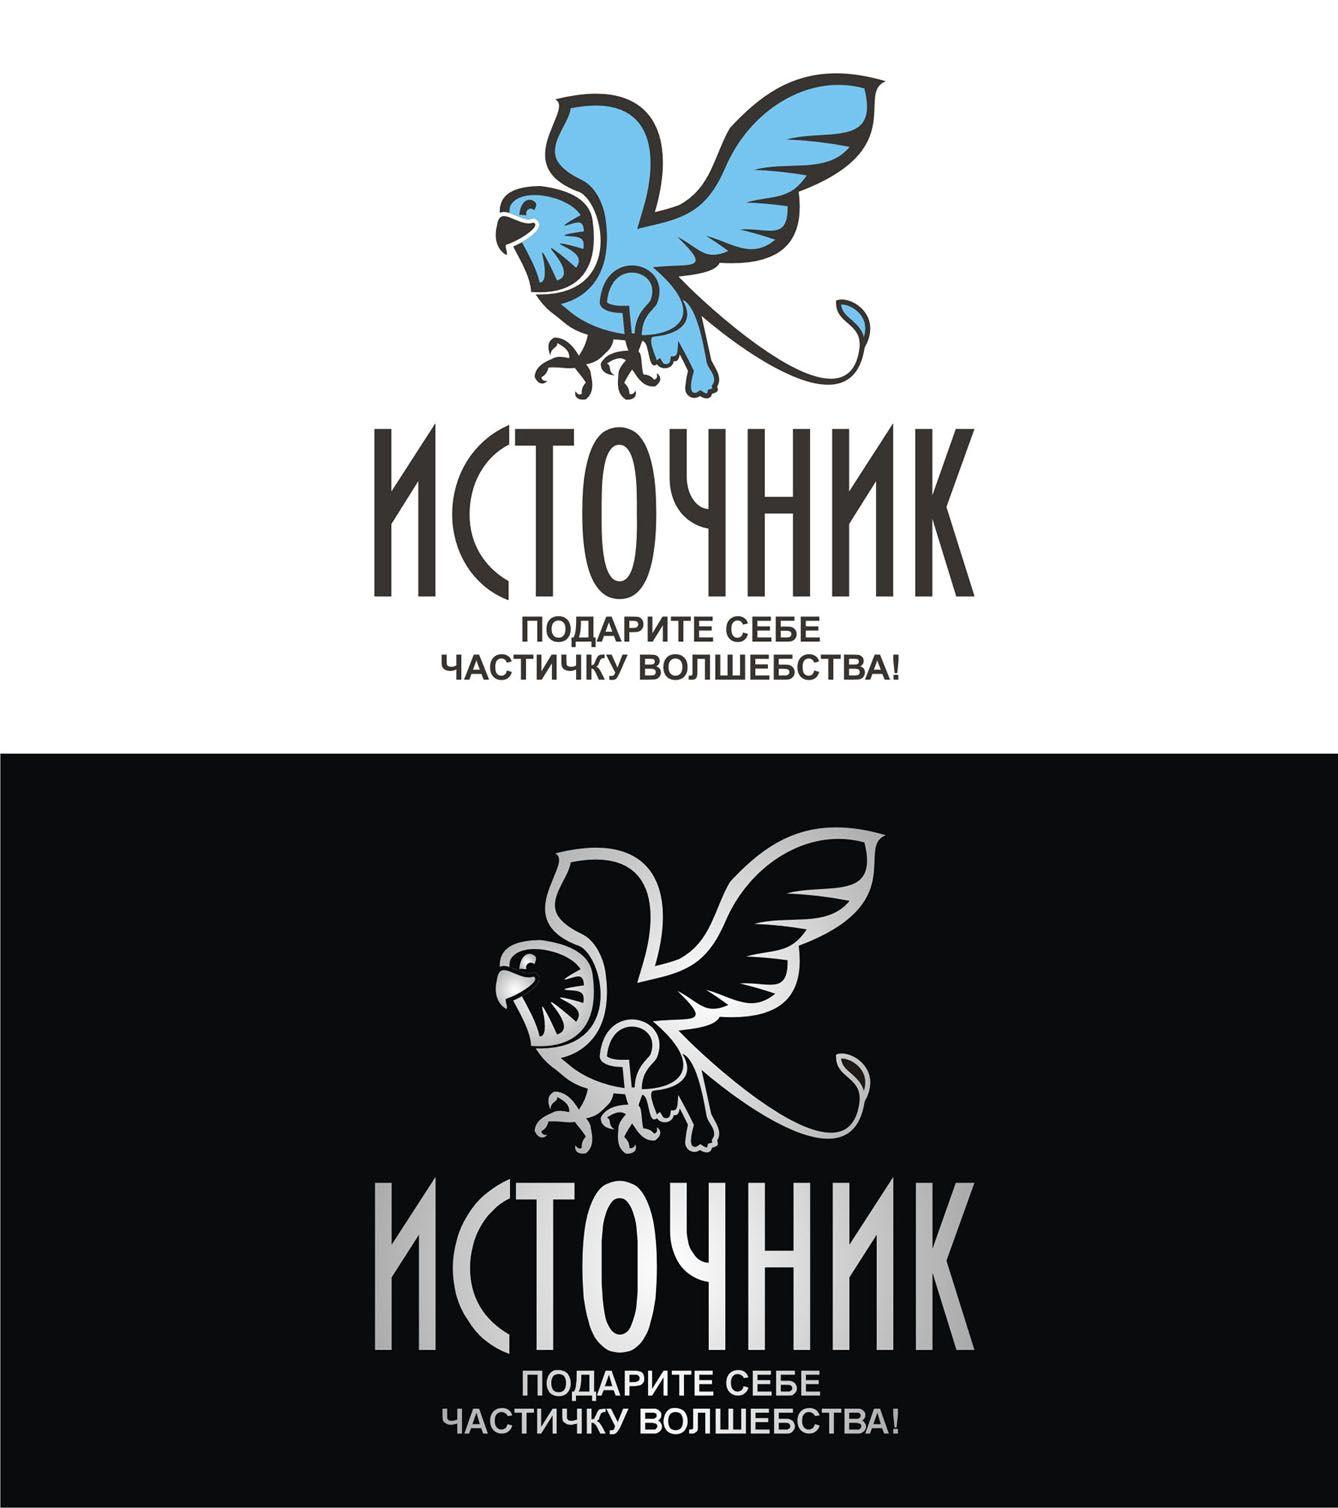 Логотип для магазина Украшений из Фильмов - дизайнер LiXoOnshade